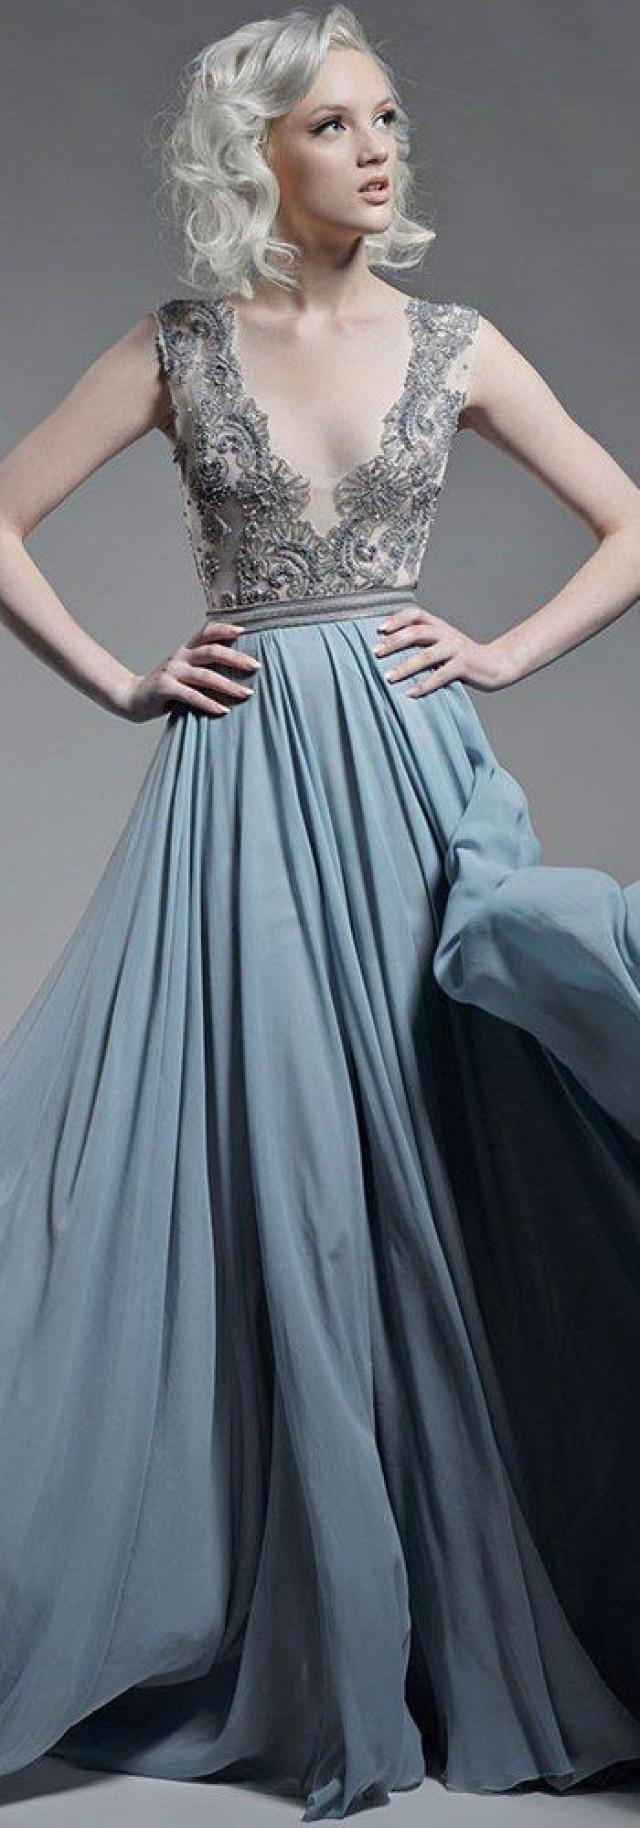 b3b40900f98 Formal Ball Gowns   Evening Wear - Darius Cordell Fashion Ltd  2339571 -  Weddbook